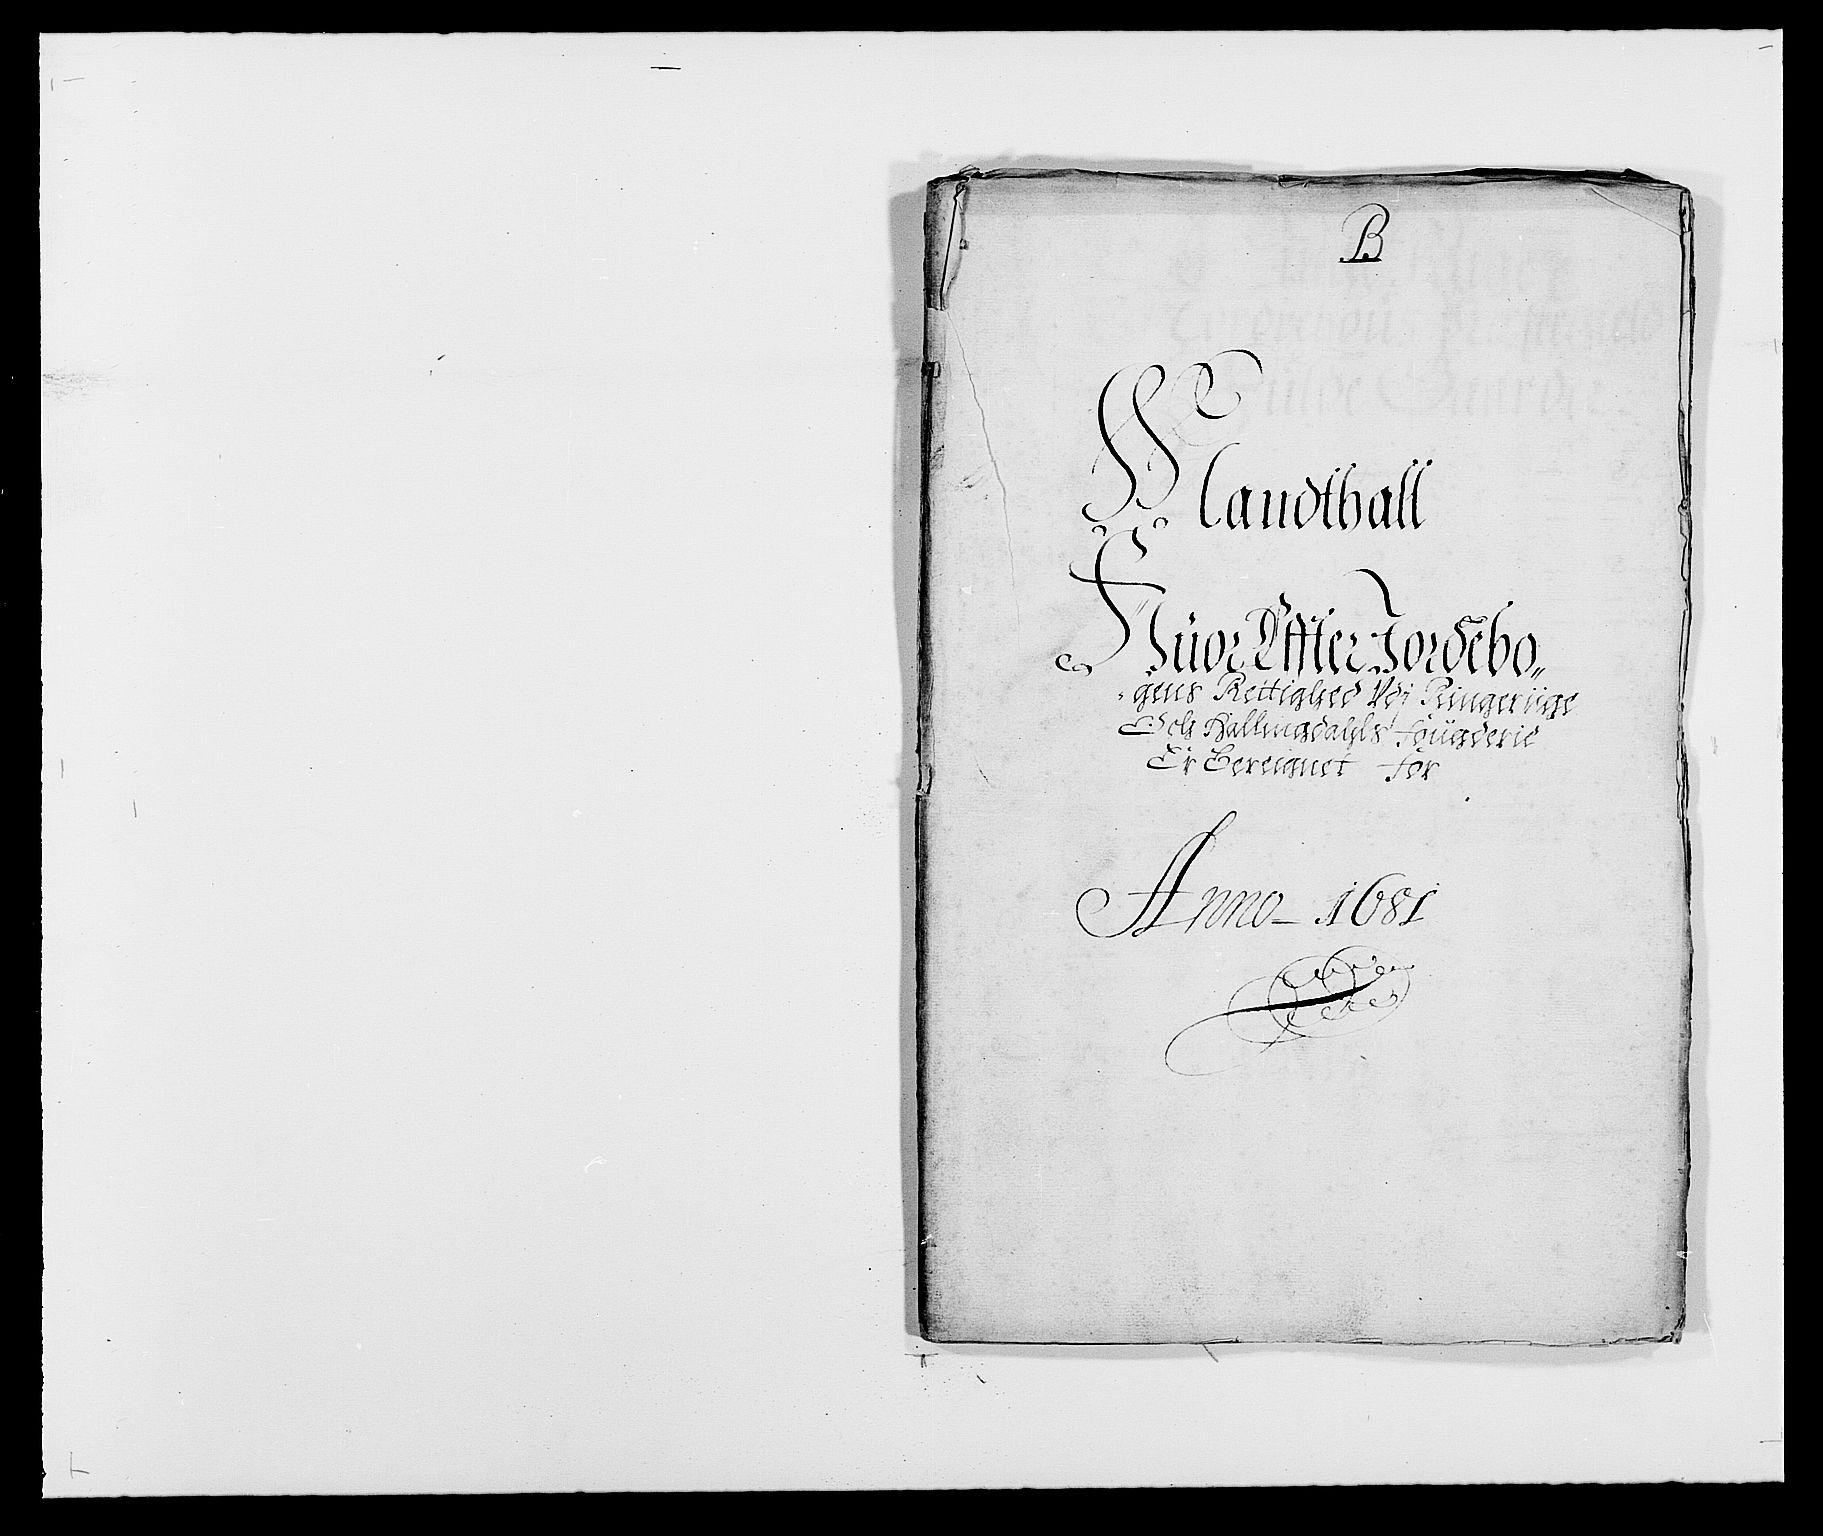 RA, Rentekammeret inntil 1814, Reviderte regnskaper, Fogderegnskap, R21/L1445: Fogderegnskap Ringerike og Hallingdal, 1681-1689, s. 41